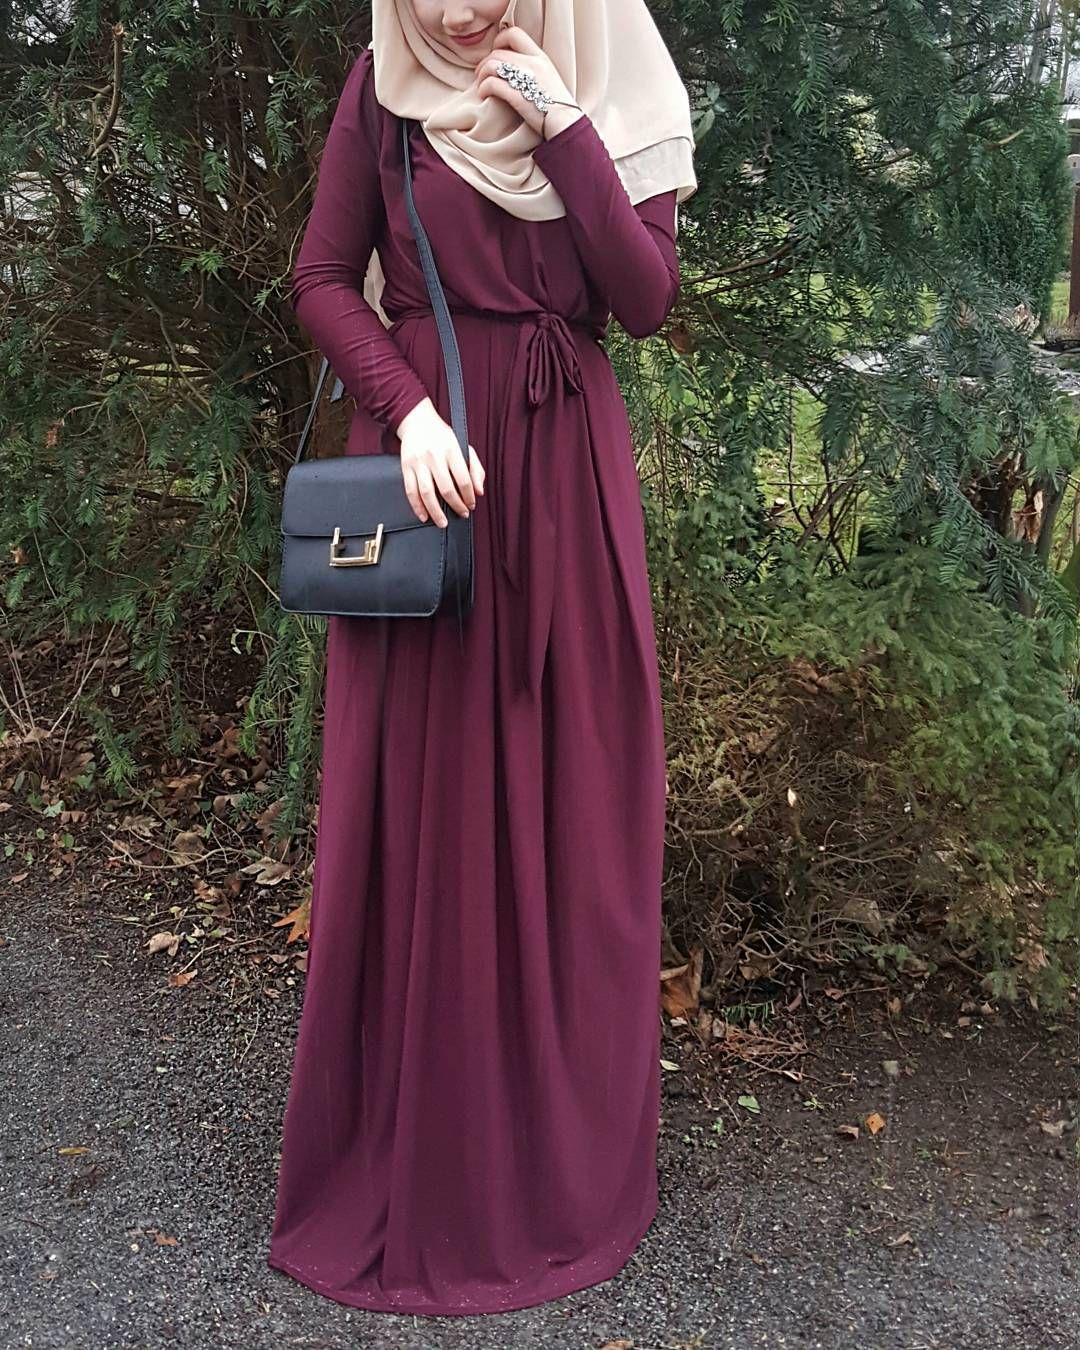 بالصور ملابس محجبات تركية , اجمل الملابس التركية 2019 3753 4